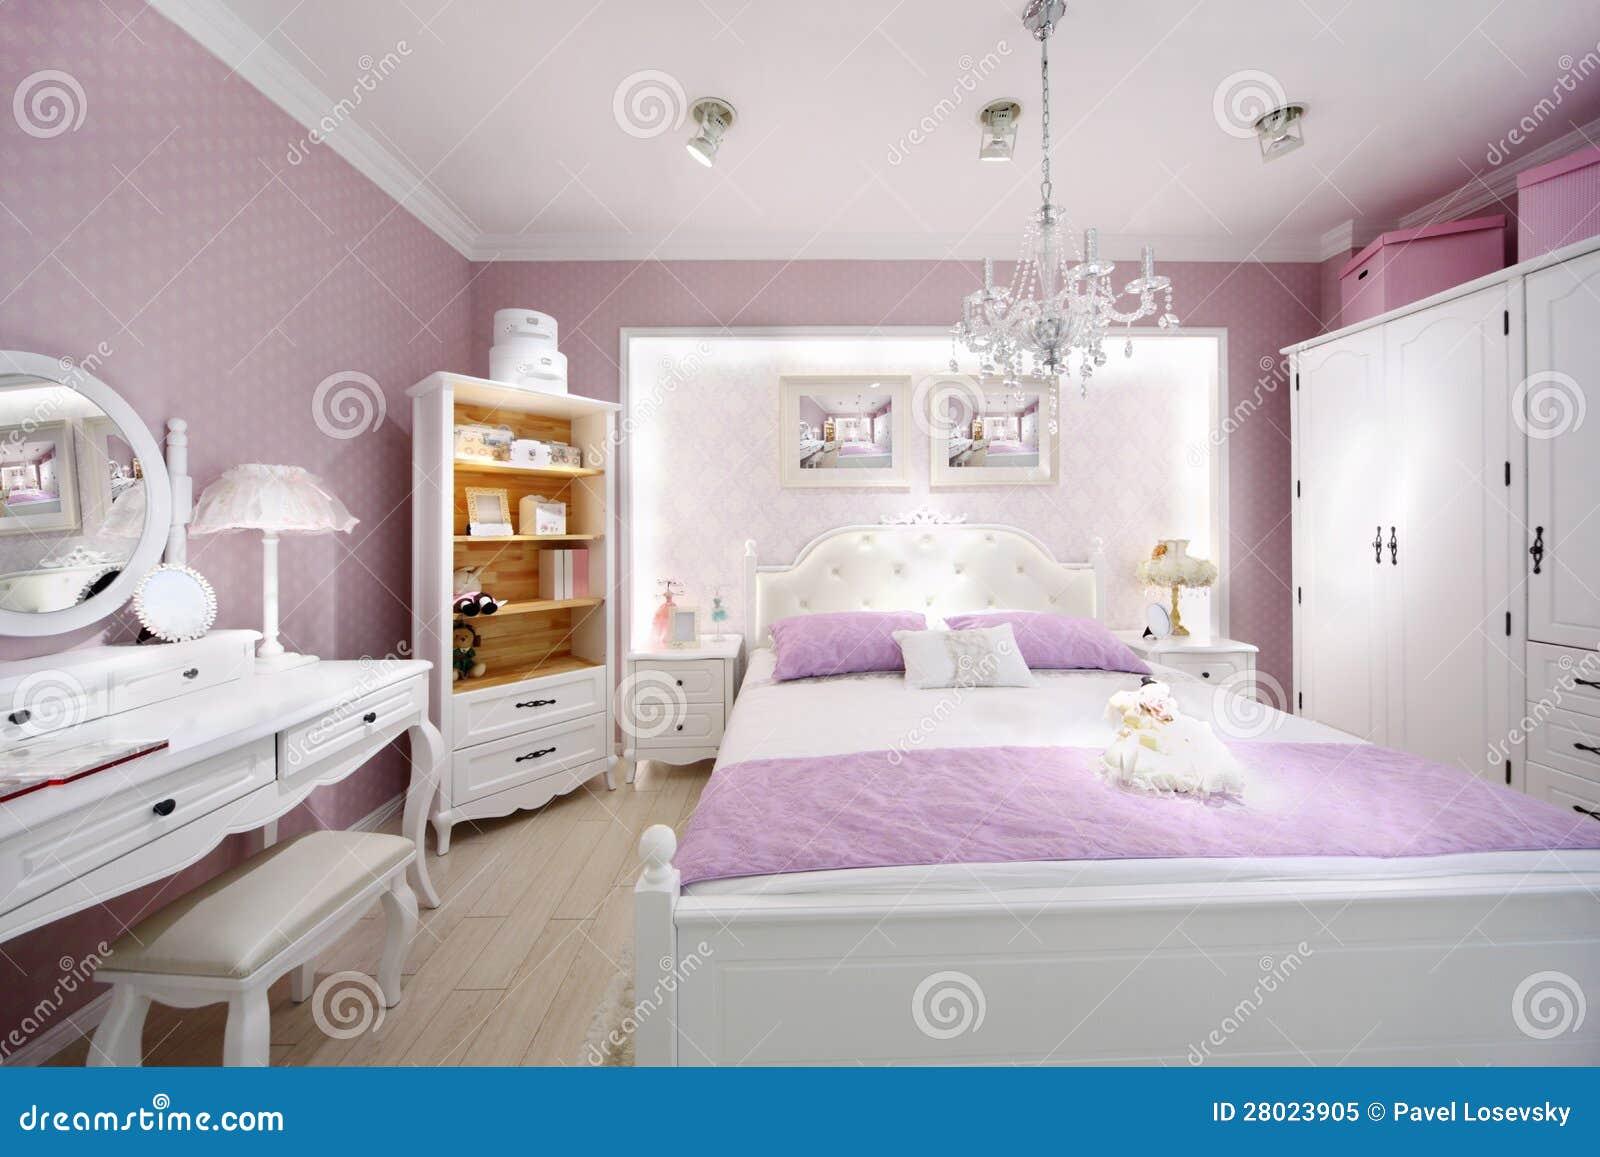 Chambre coucher rose l gante pour le femme photo libre de droits image 28023905 for Les chombre a coucher